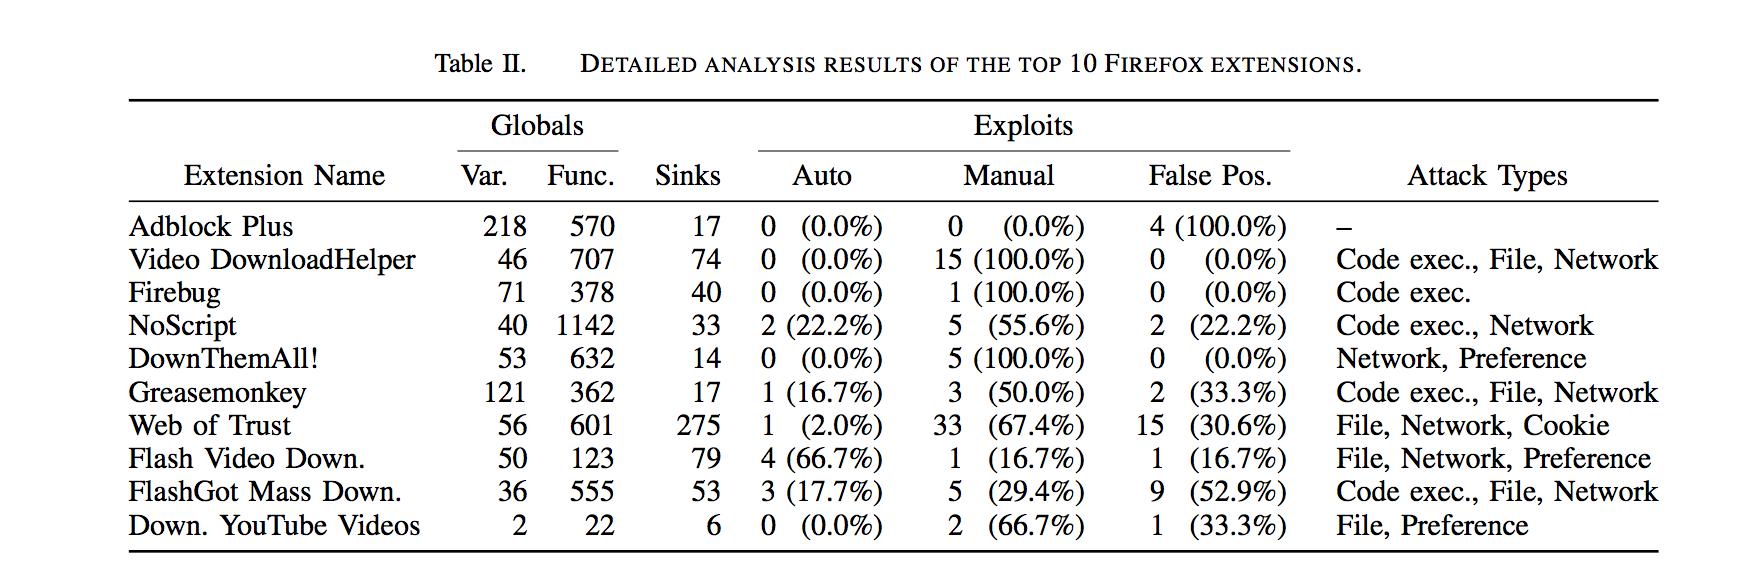 Complementos vulnerables, falsos positivos y tipos de ataques. (c) ArsTechnica